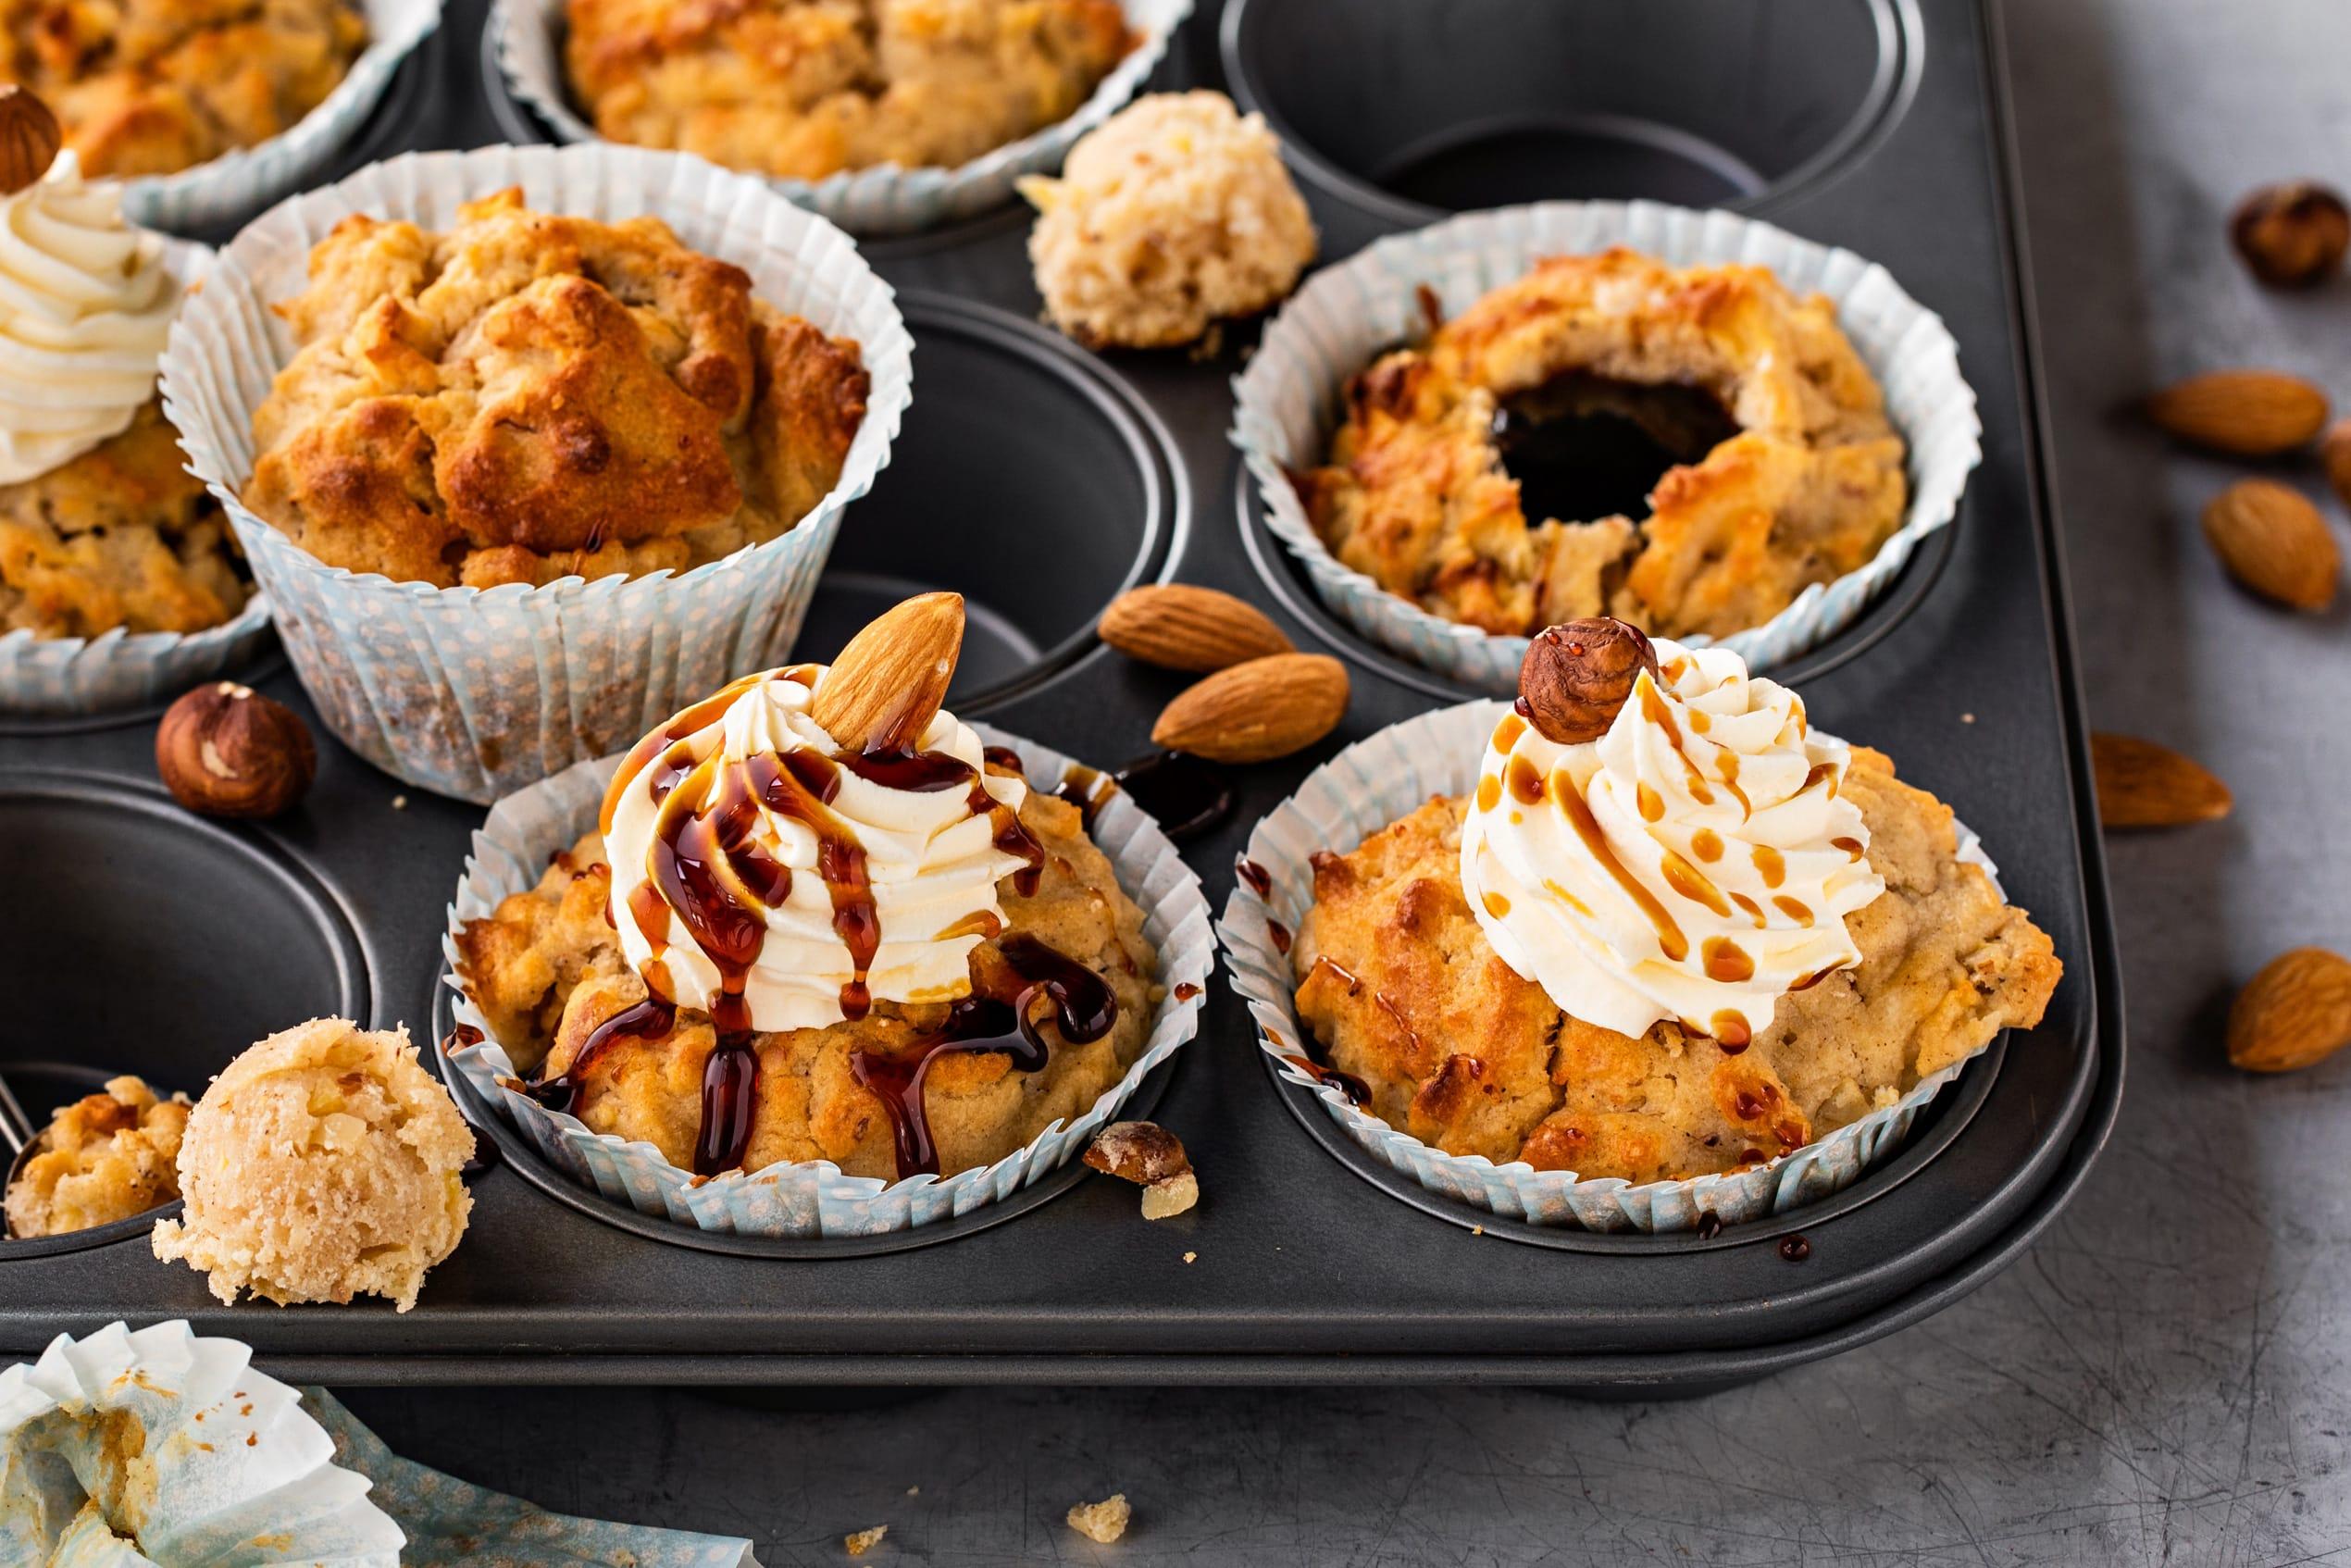 Muffins à la pomme et au séré avec coeur au caramel